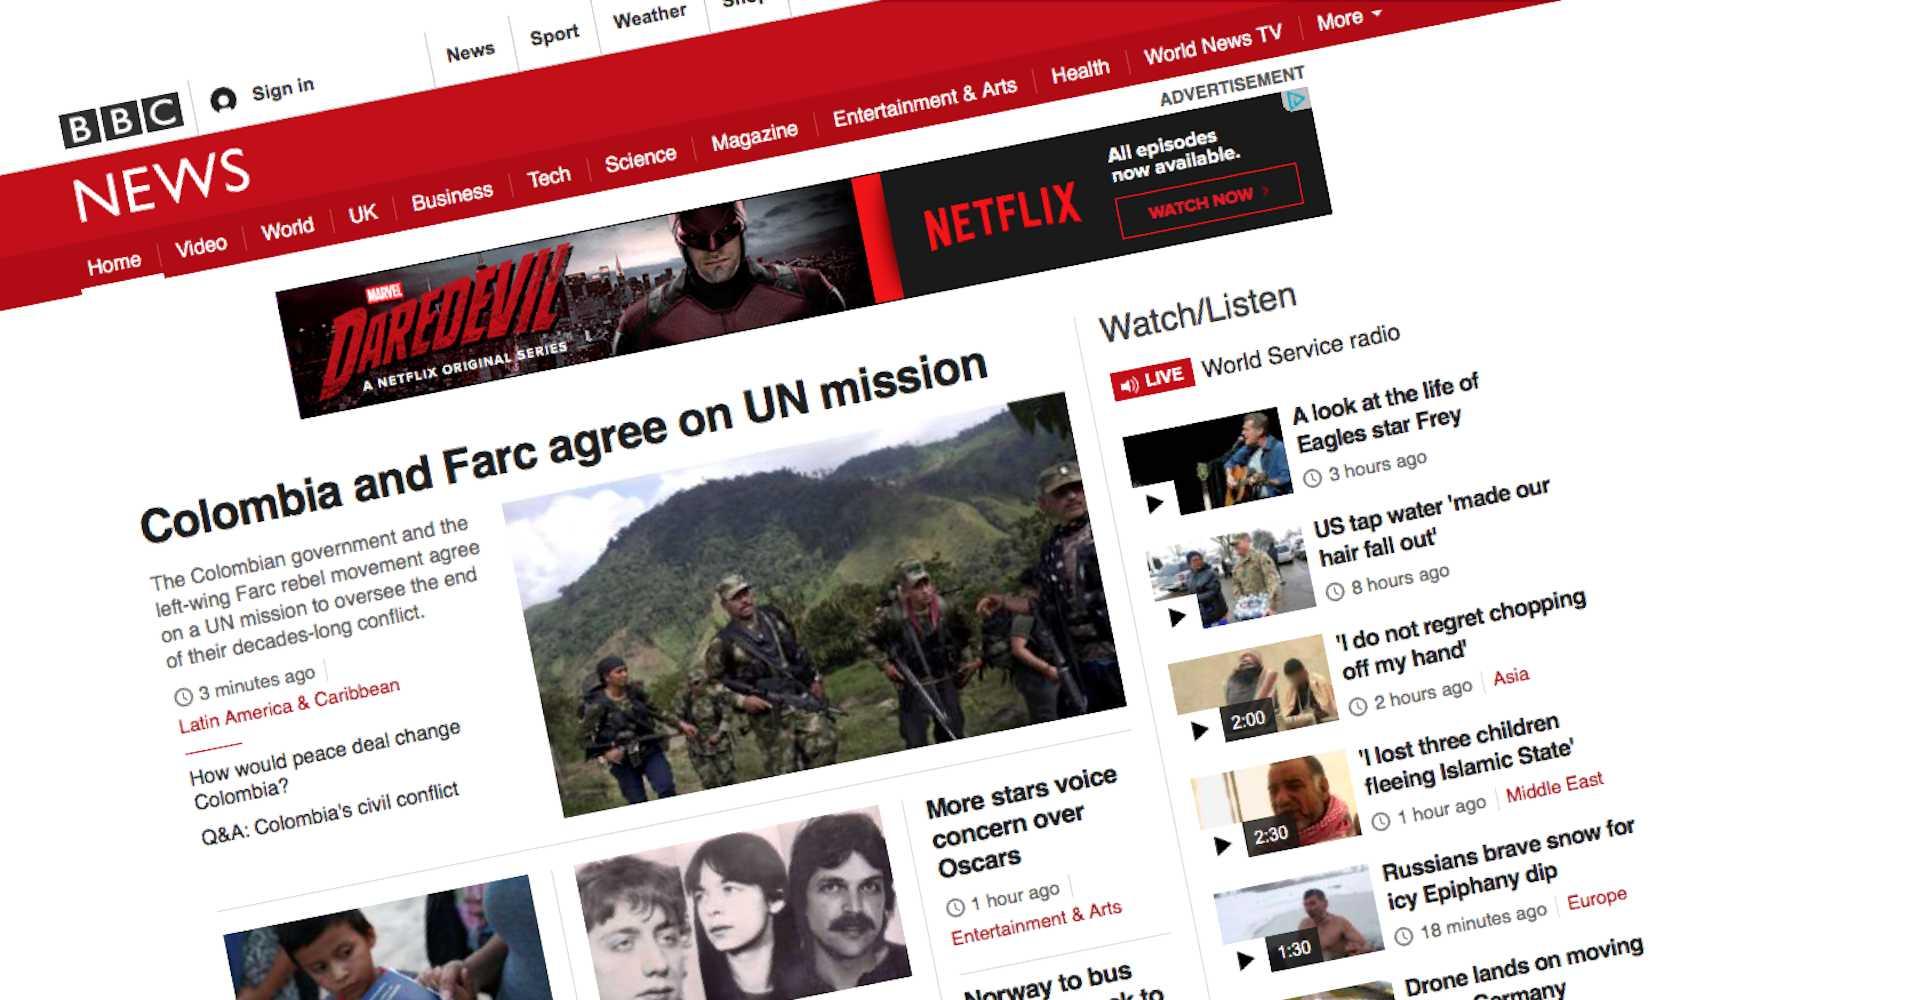 Najlepsze nagłówki BBC News